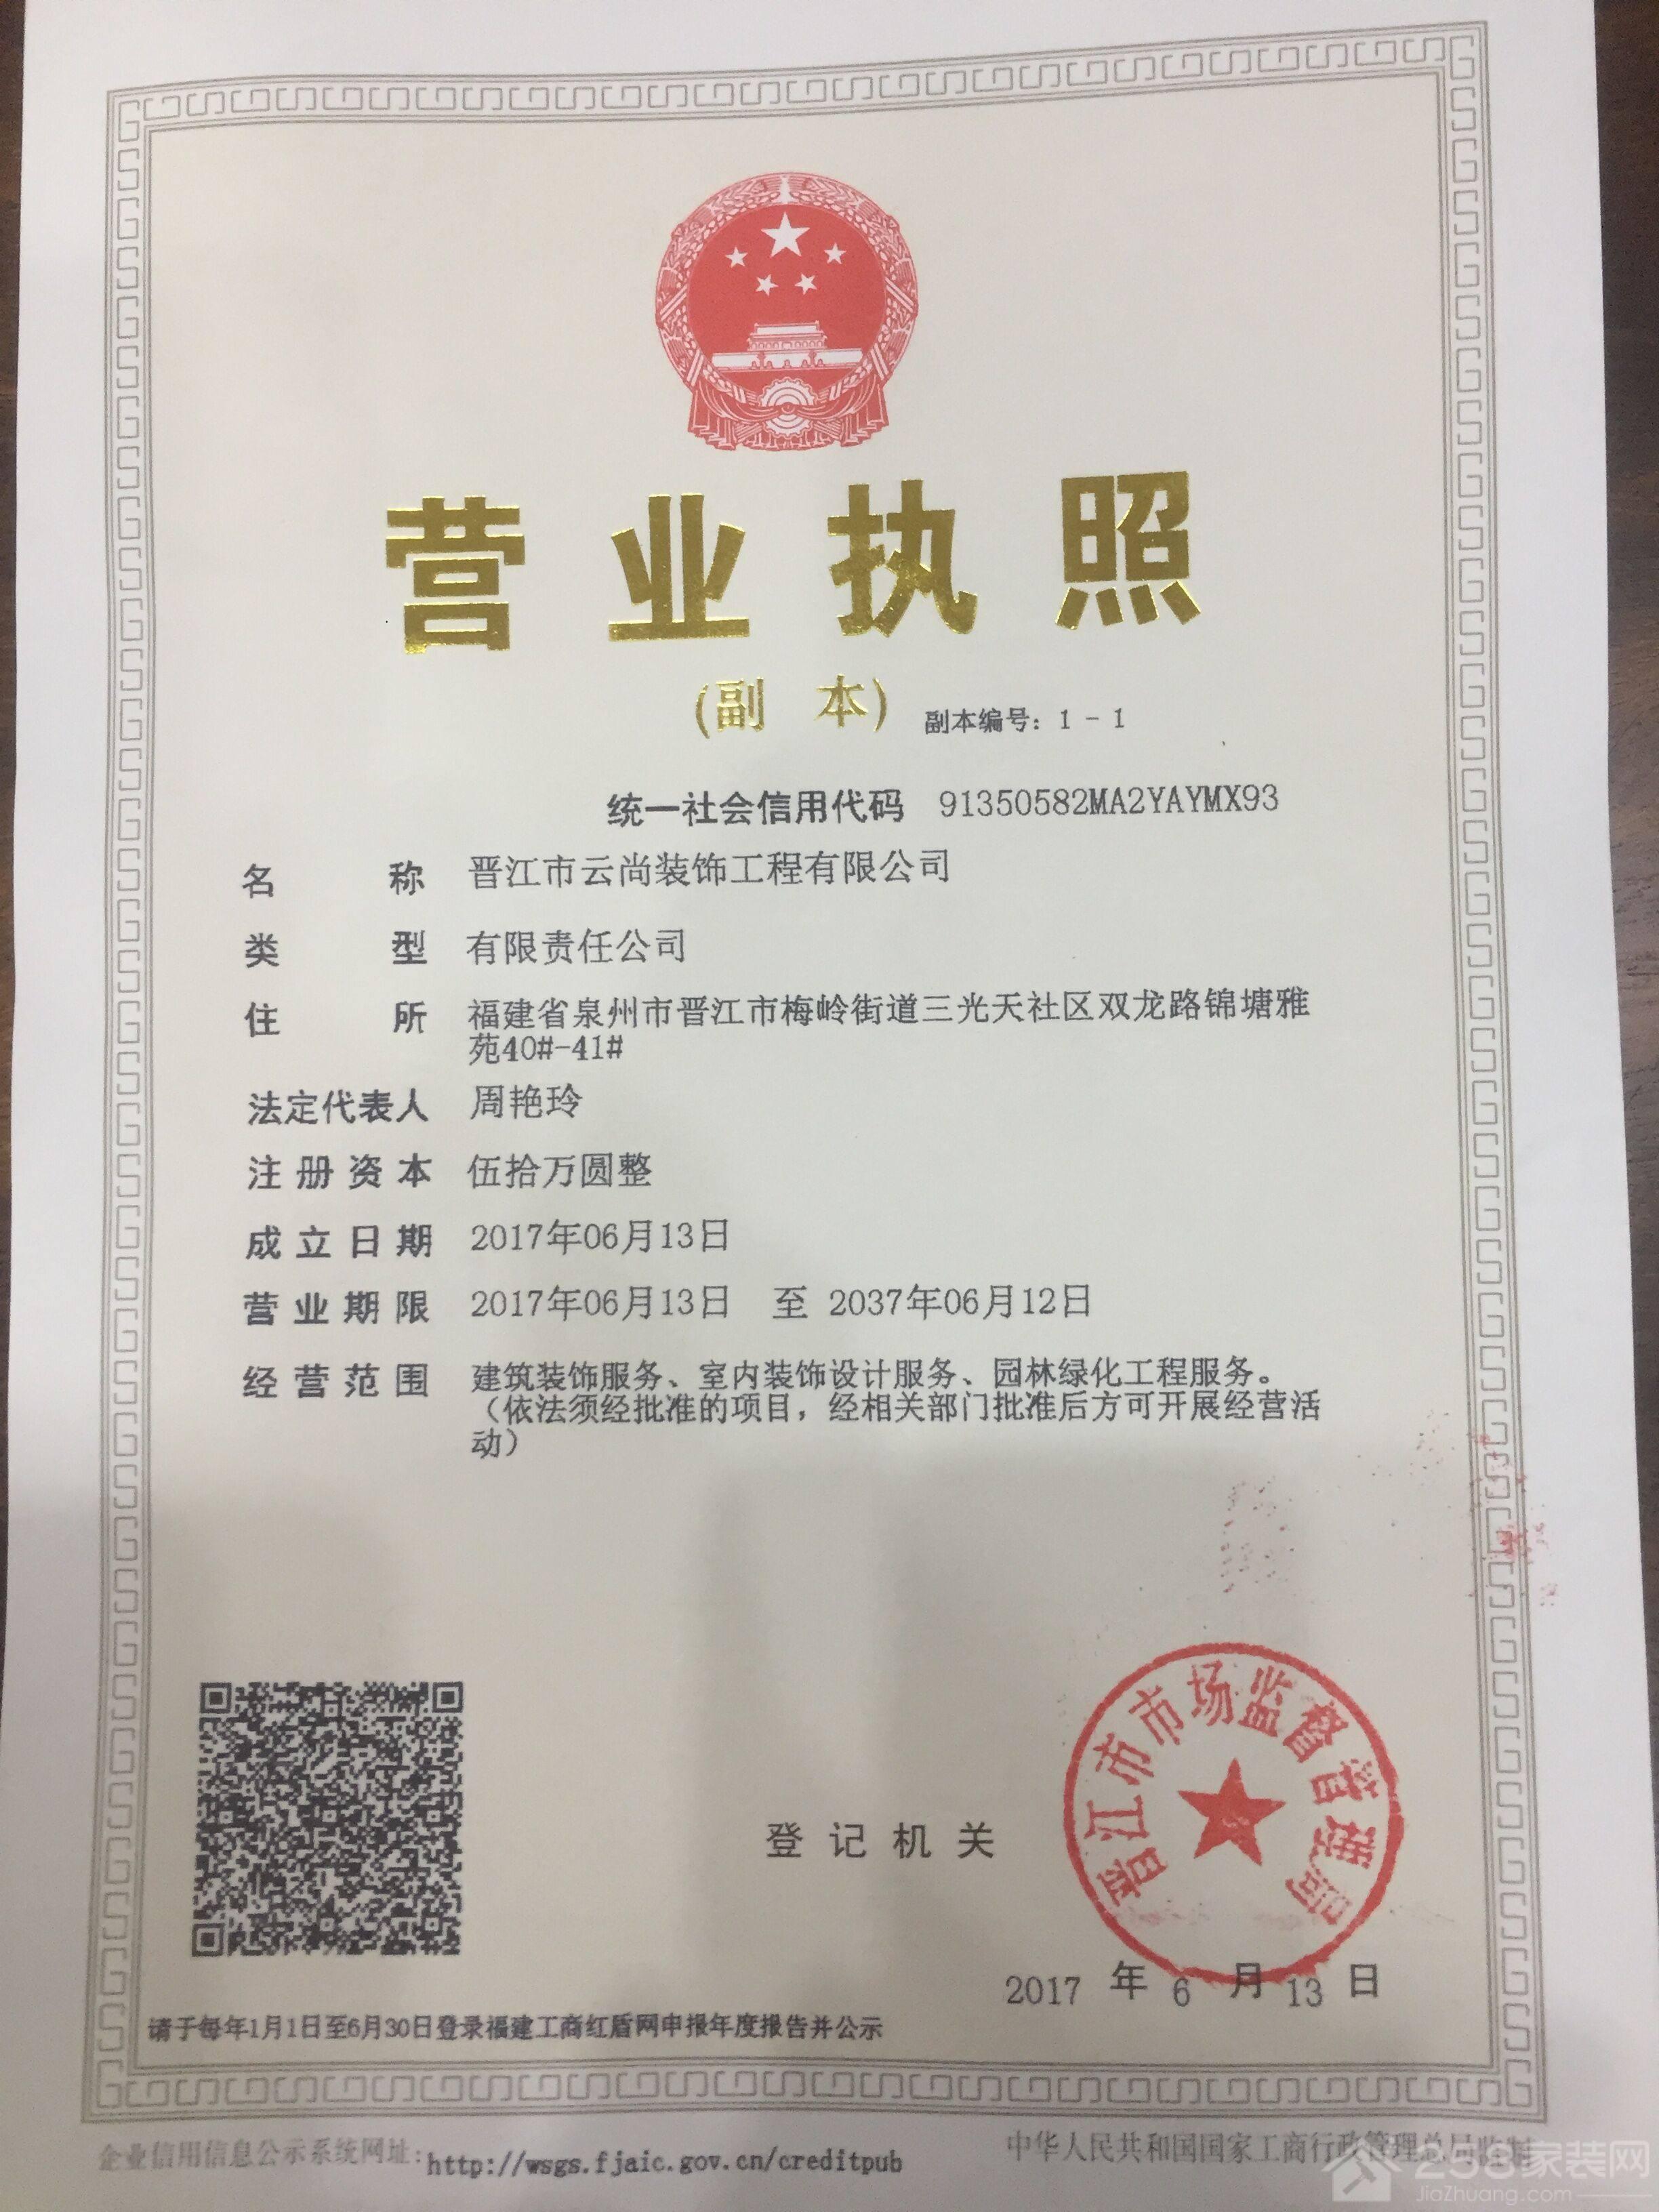 晋江云尚装饰工程有限公司